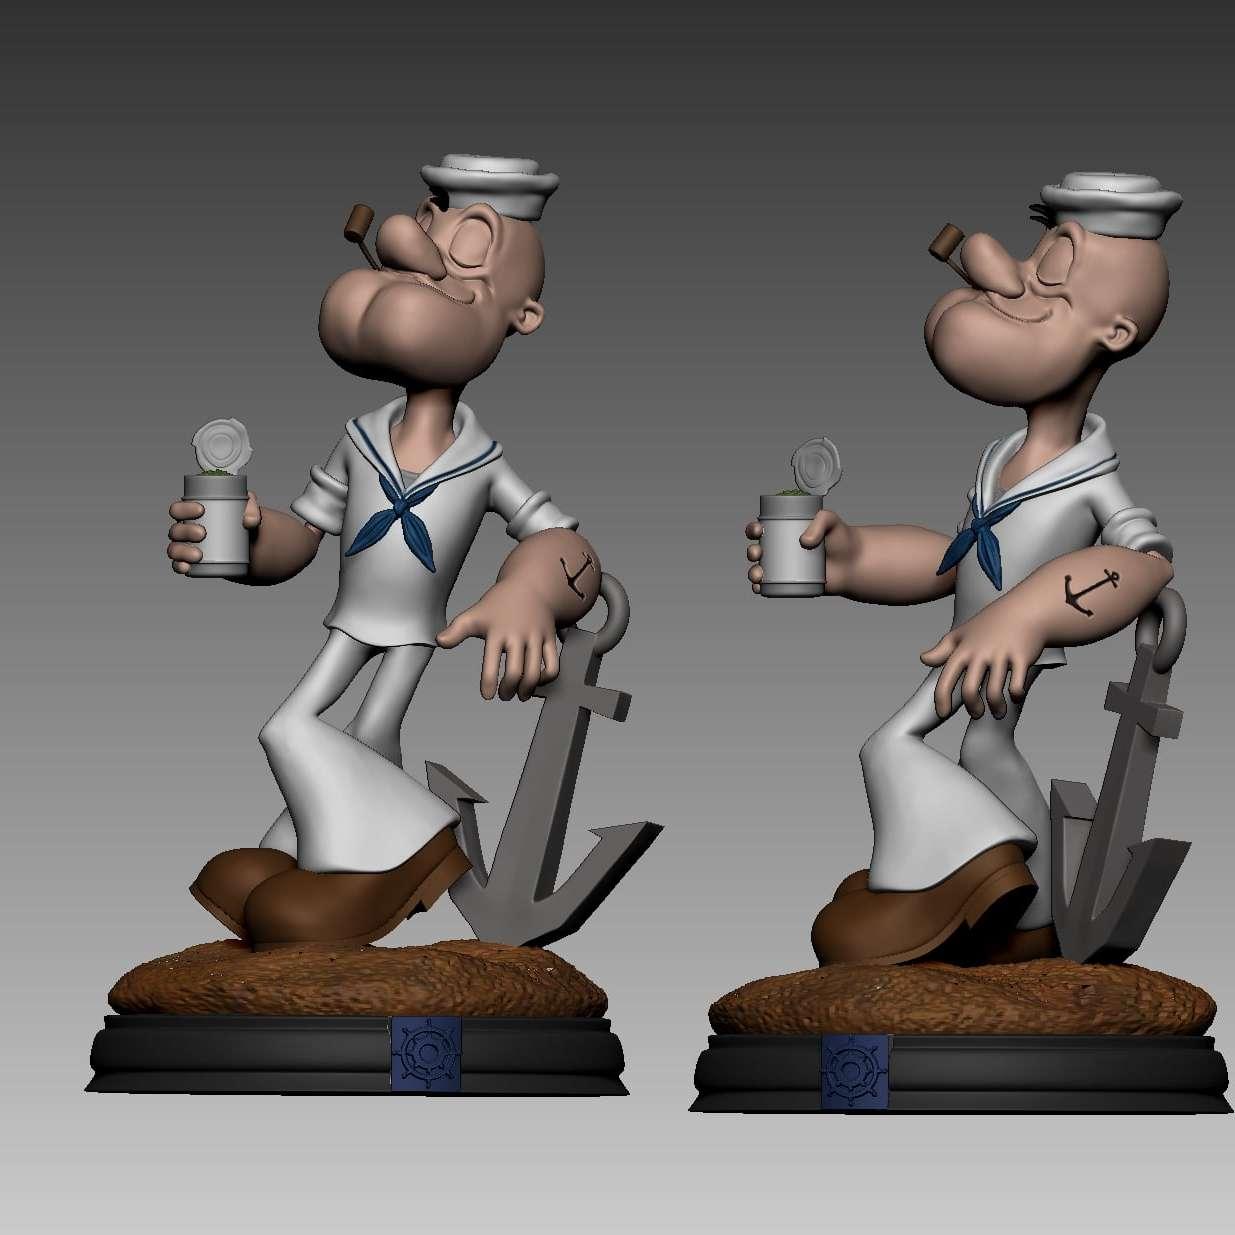 popeye  - Popeye é um personagem clássico dos quadrinhos, criado por Elzie Crisler Segar em 17 de janeiro de 1929, na tira de jornal Thimble Theatre, em 1933, foi adaptado em uma série de curta-metragens de animação pela Fleischer Studios e posteriormente pelo Famous Studios para Paramount Pictures que durou até 1957 - Os melhores arquivos para impressão 3D do mundo. Modelos stl divididos em partes para facilitar a impressão 3D. Todos os tipos de personagens, decoração, cosplay, próteses, peças. Qualidade na impressão 3D. Modelos 3D com preço acessível. Baixo custo. Compras coletivas de arquivos 3D.